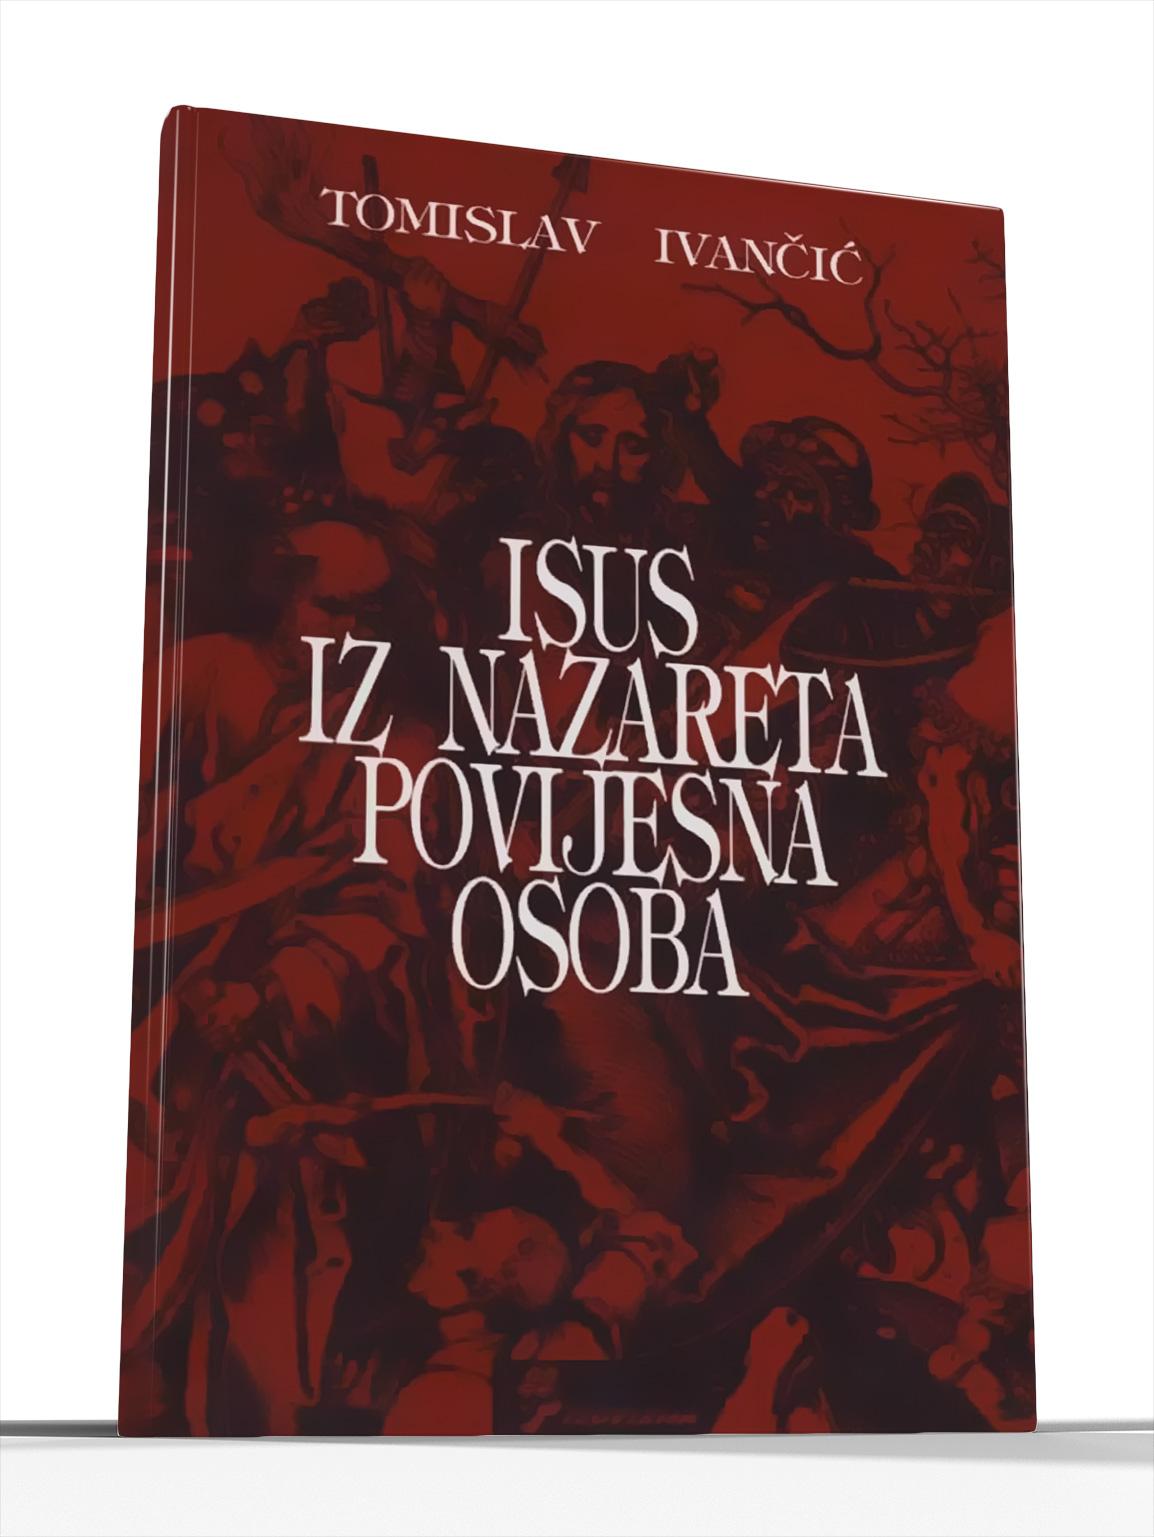 ISUS IZ NAZARETA - POVIJESNA OSOBA - Tomislav Ivančić